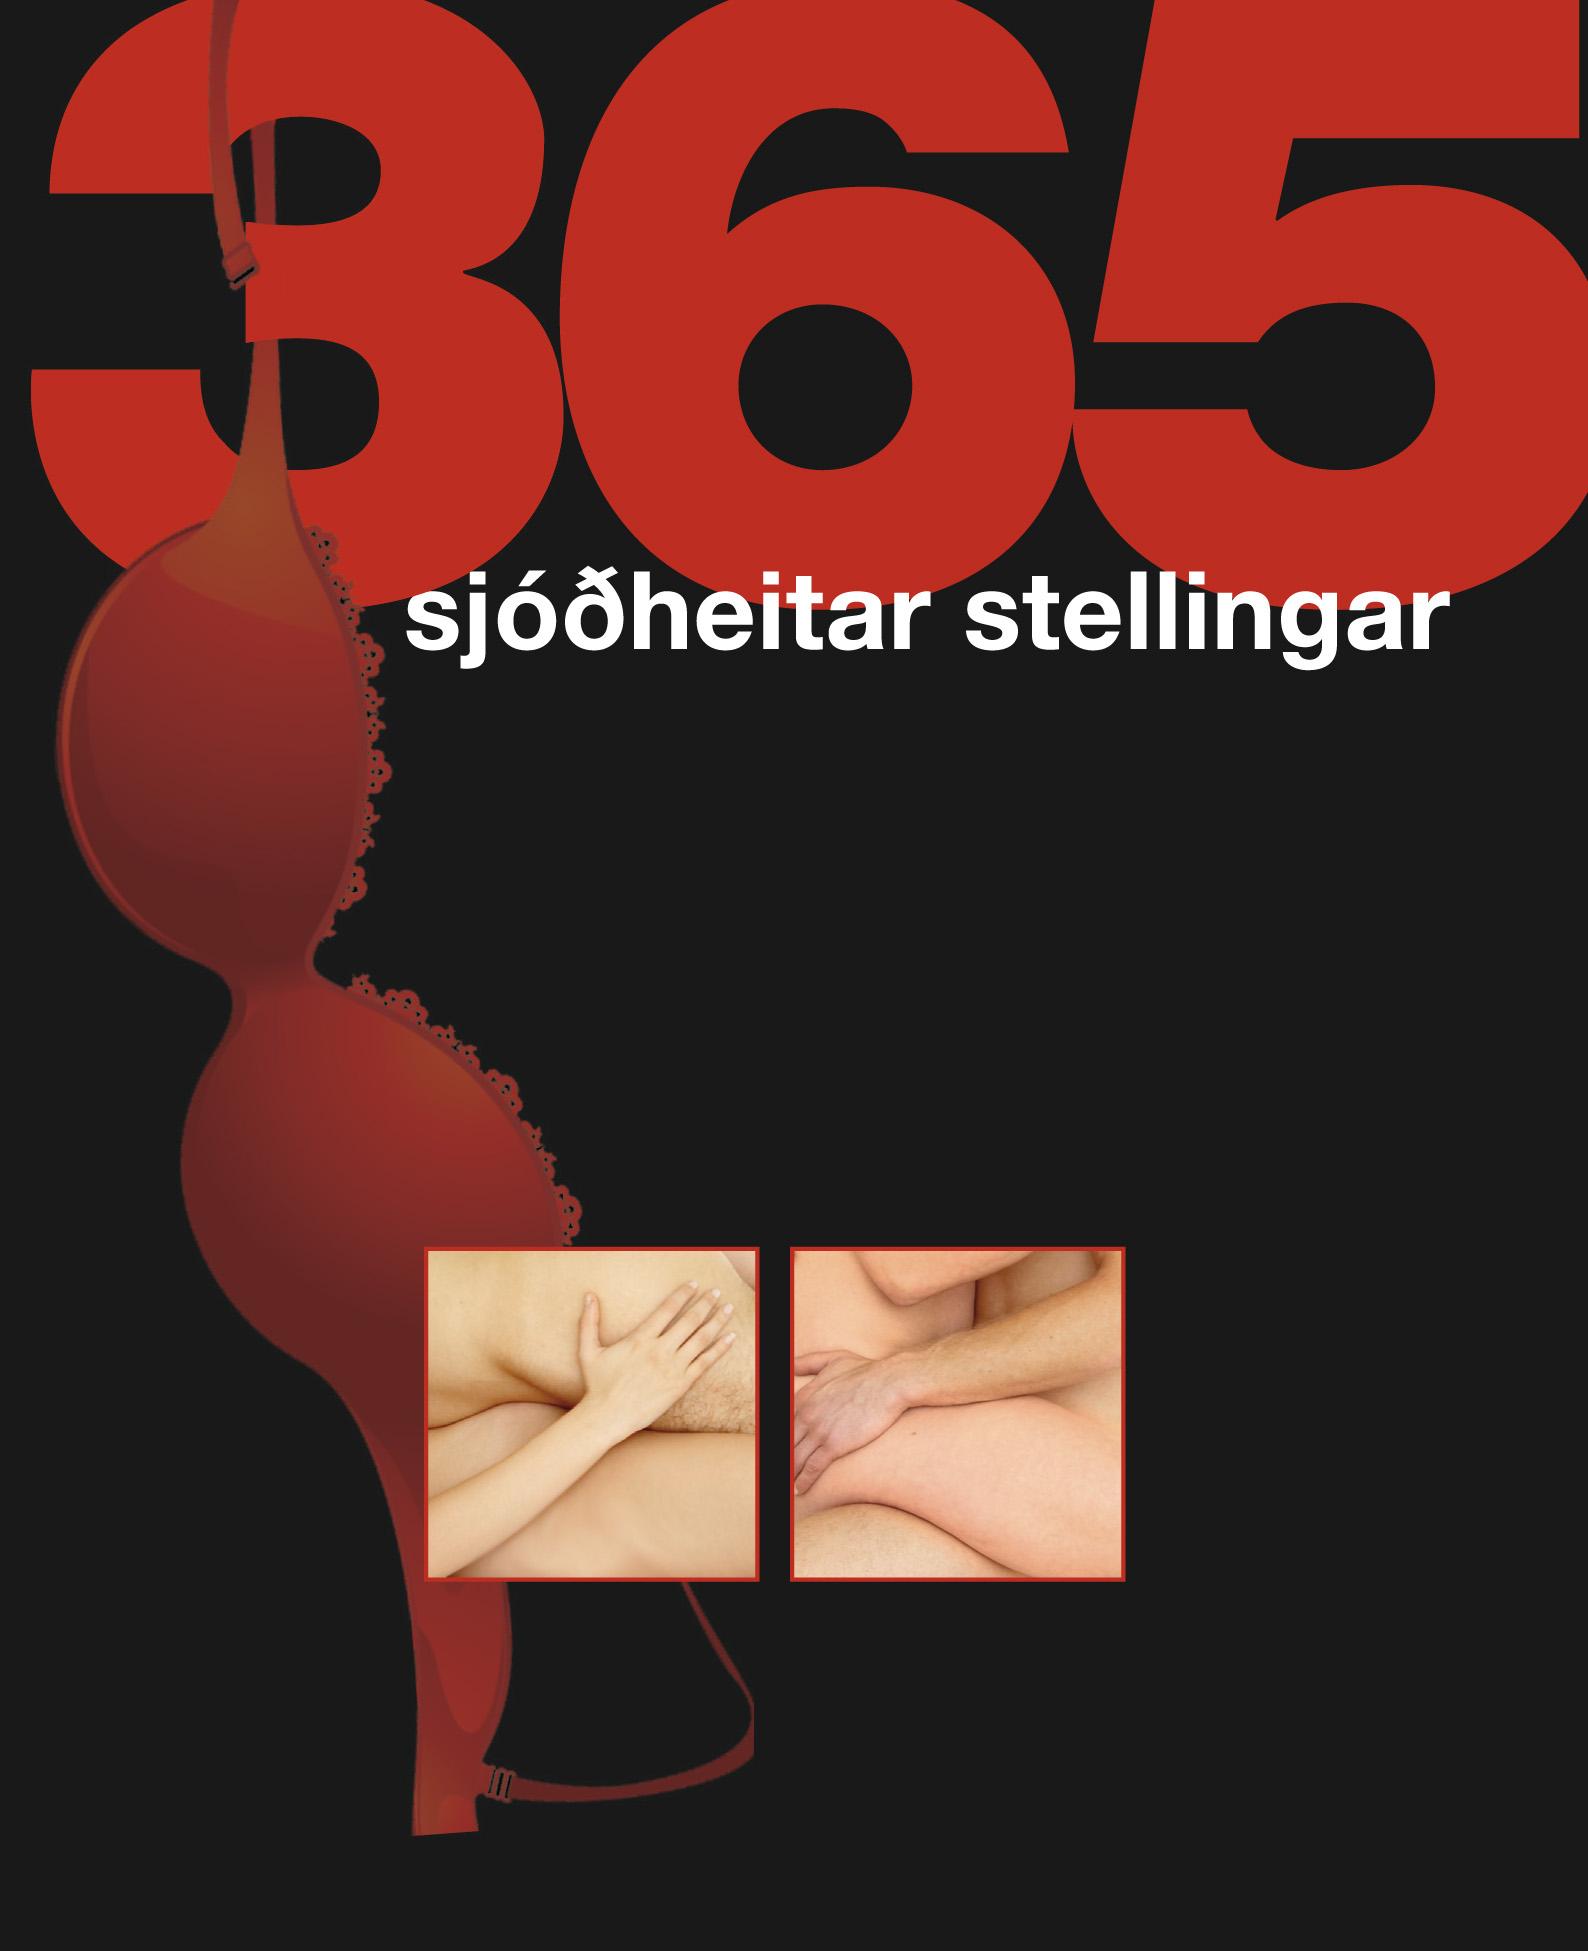 365 sjóðheitar stellingar